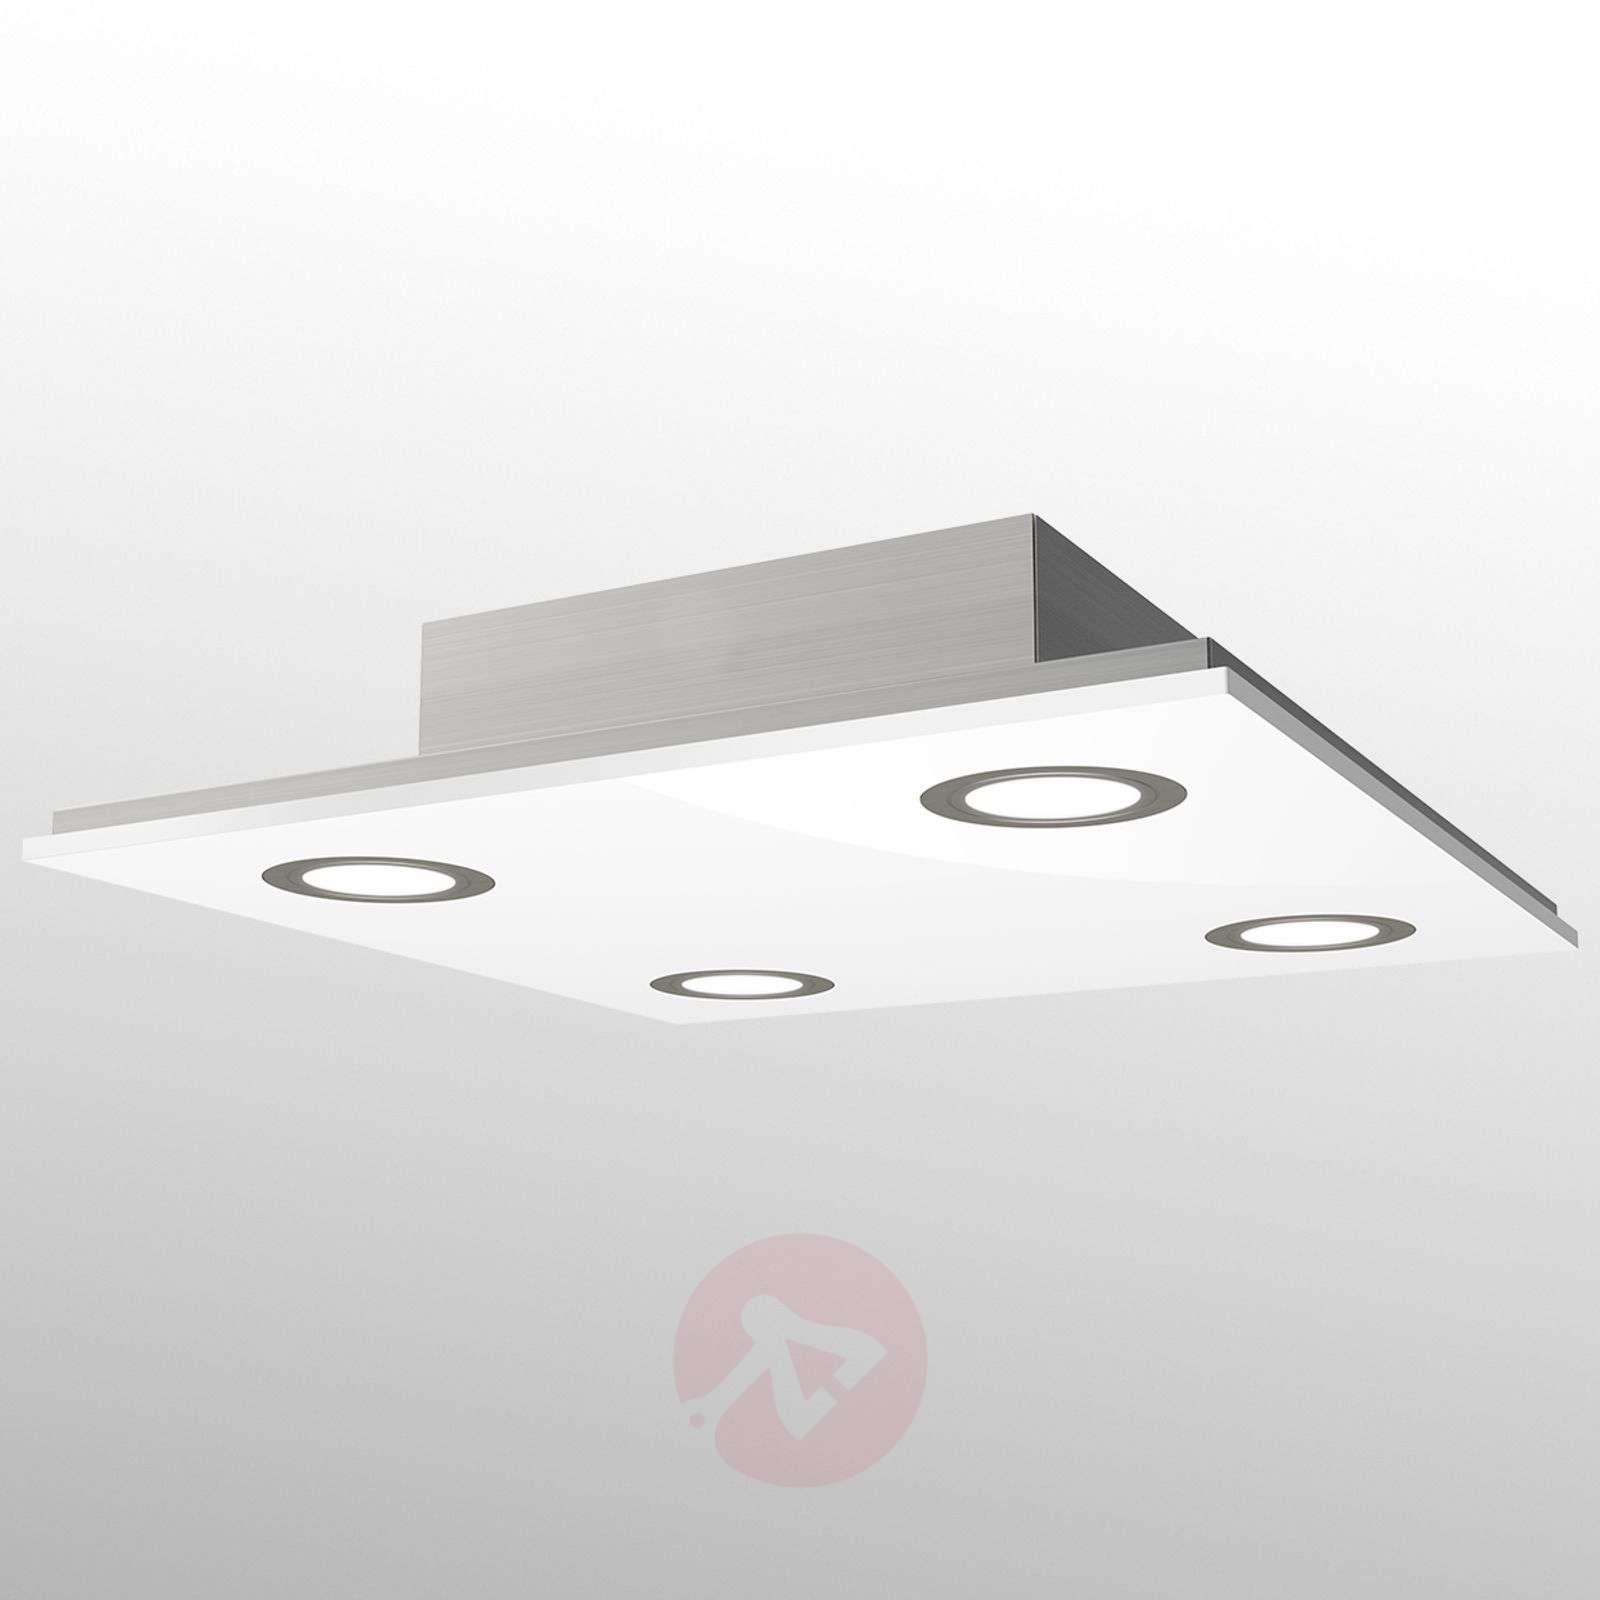 Neliömäinen Pano-LED-kattovalaisin, valkoinen-3025294-01